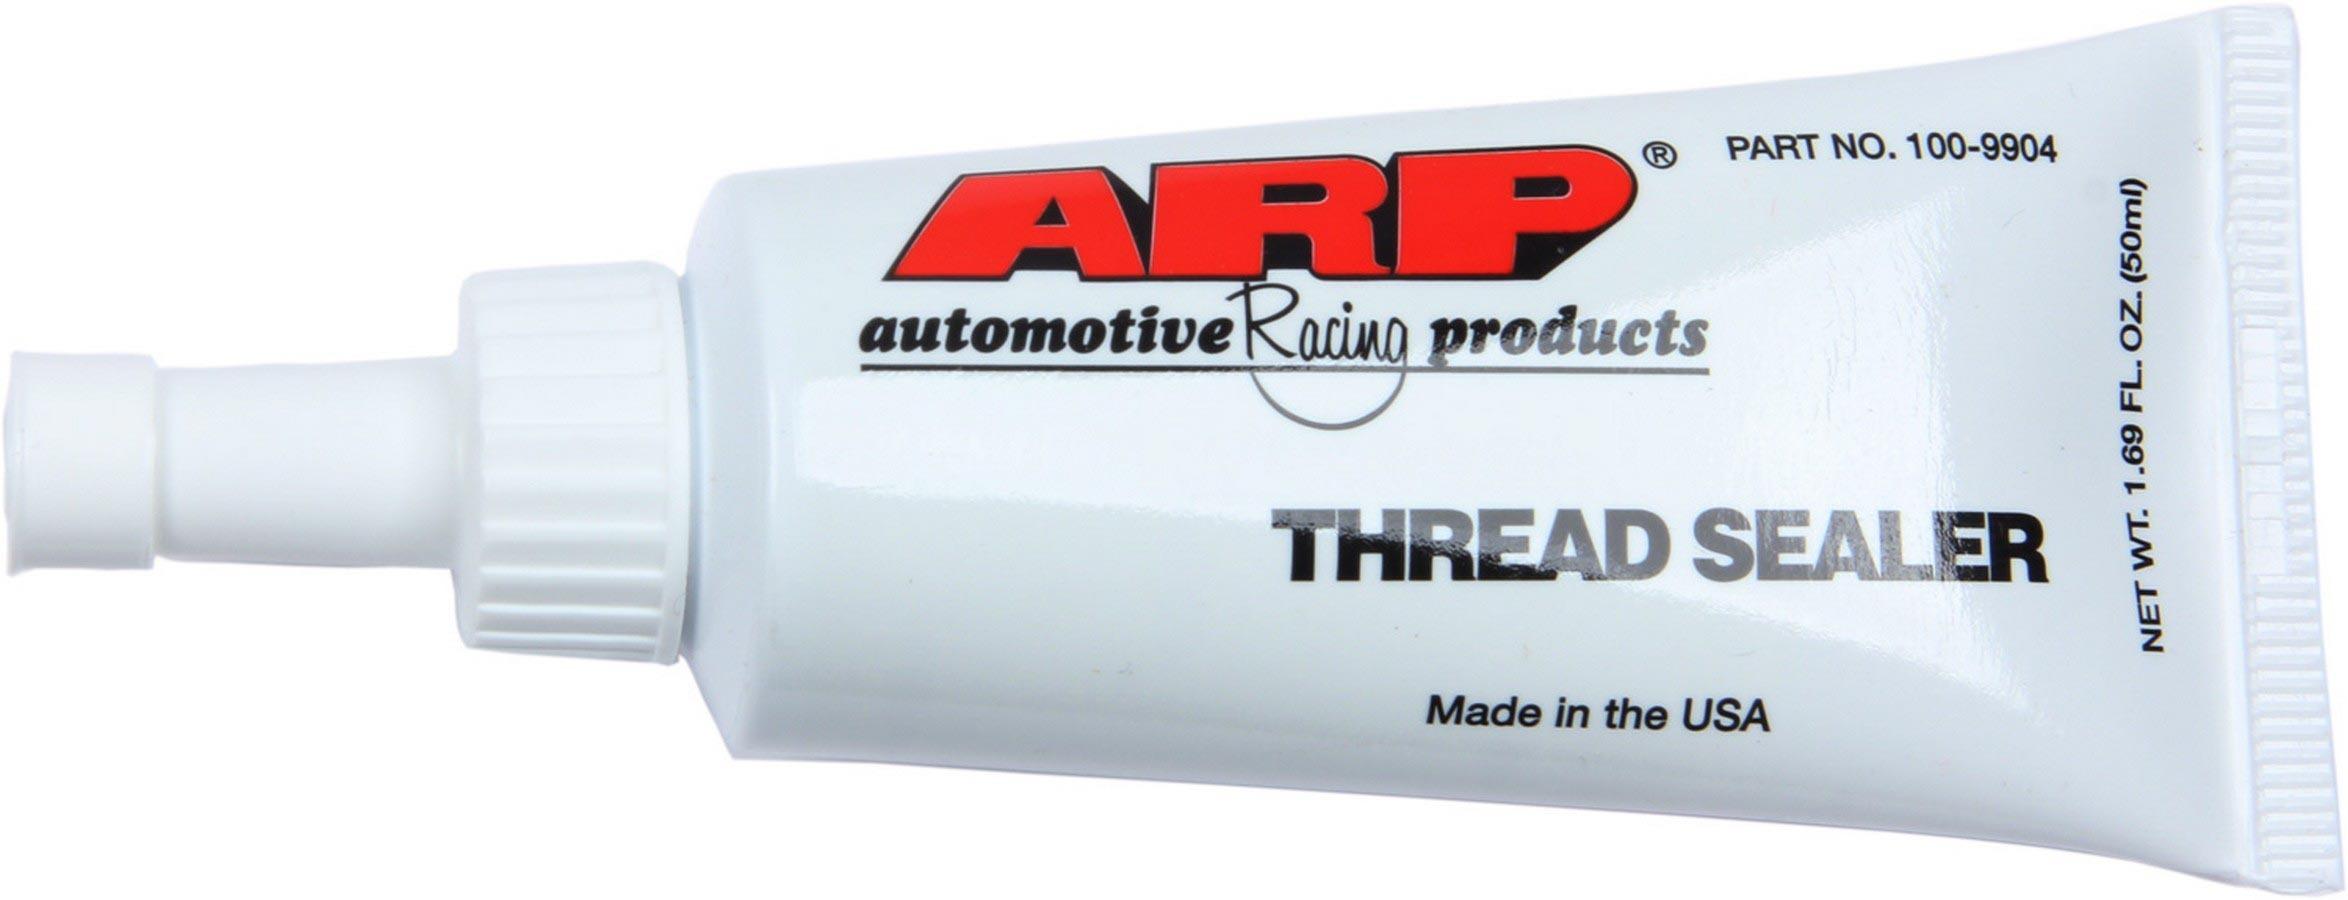 ARP 100-9904 Thread Sealer, PTFE Base, Non-Drying, 1.69 oz Squeeze Tube, Each